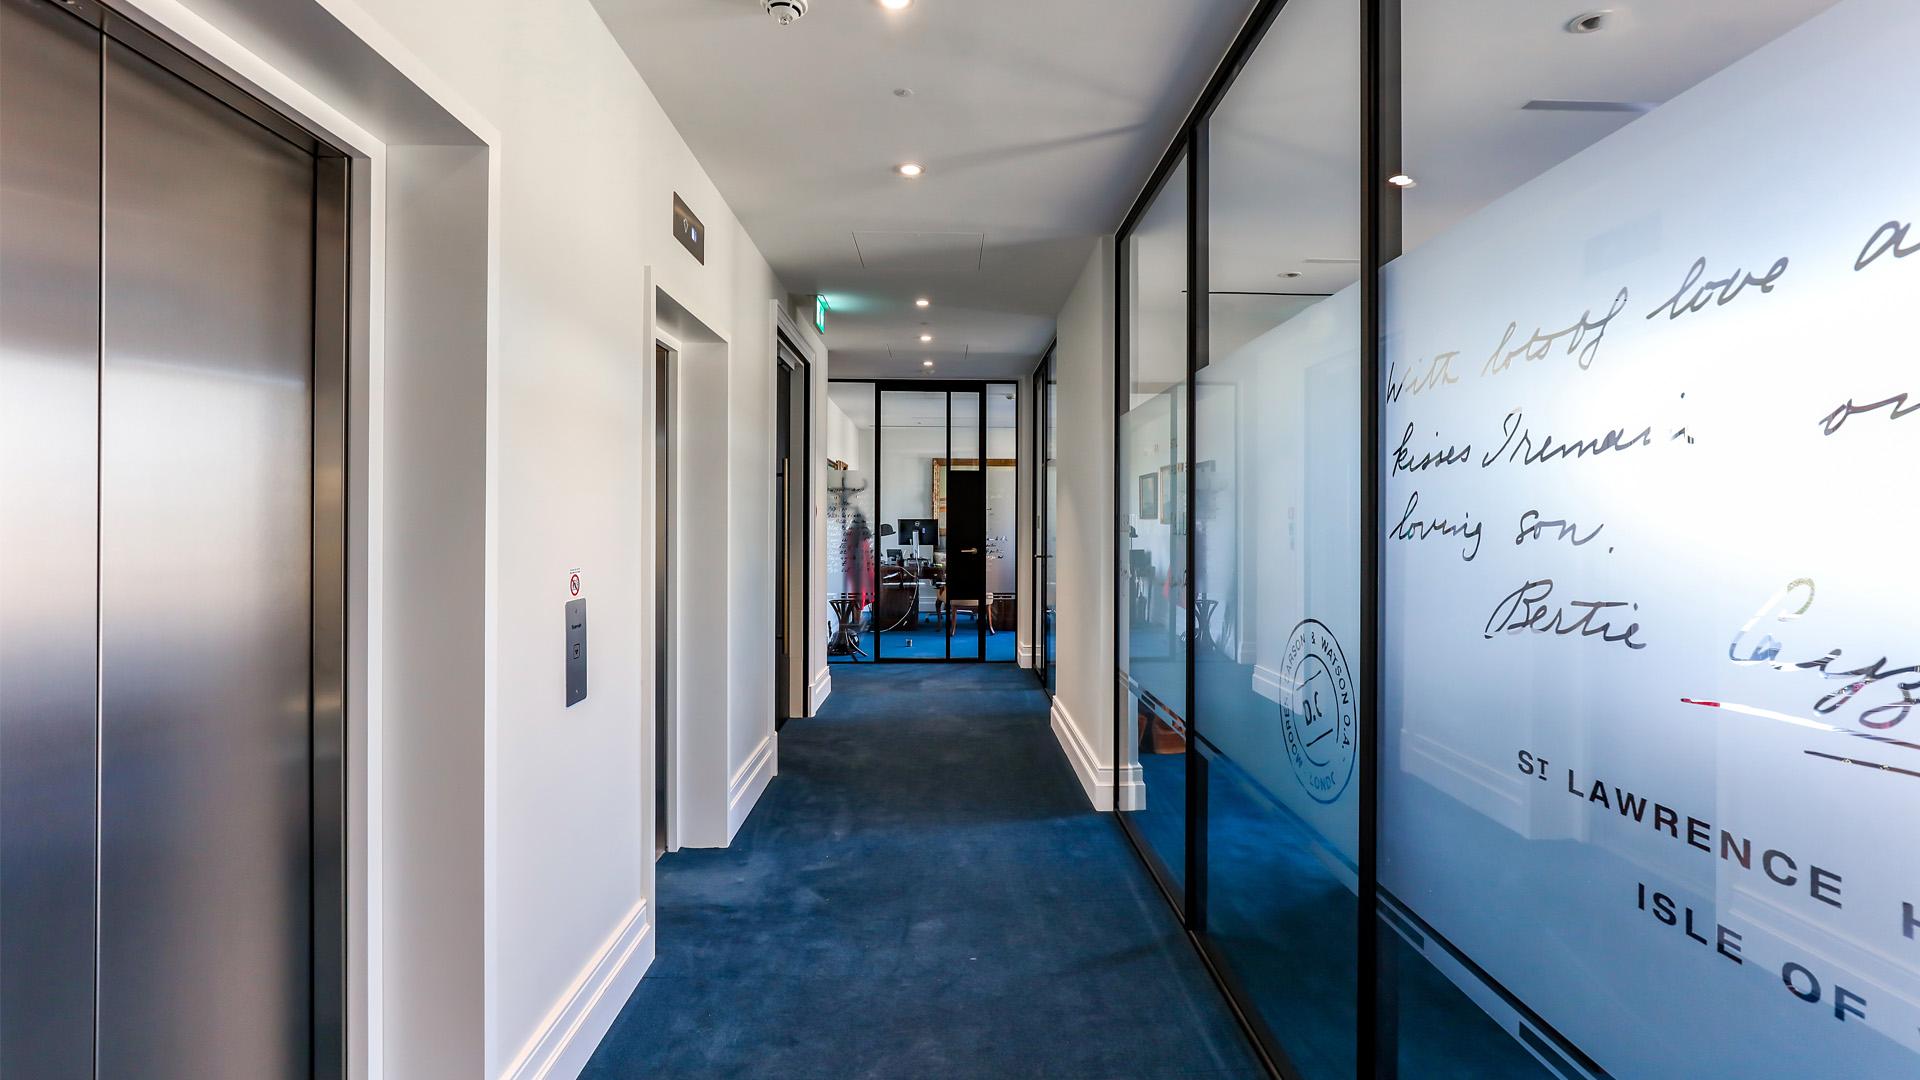 Beautiful glazed doors indoors